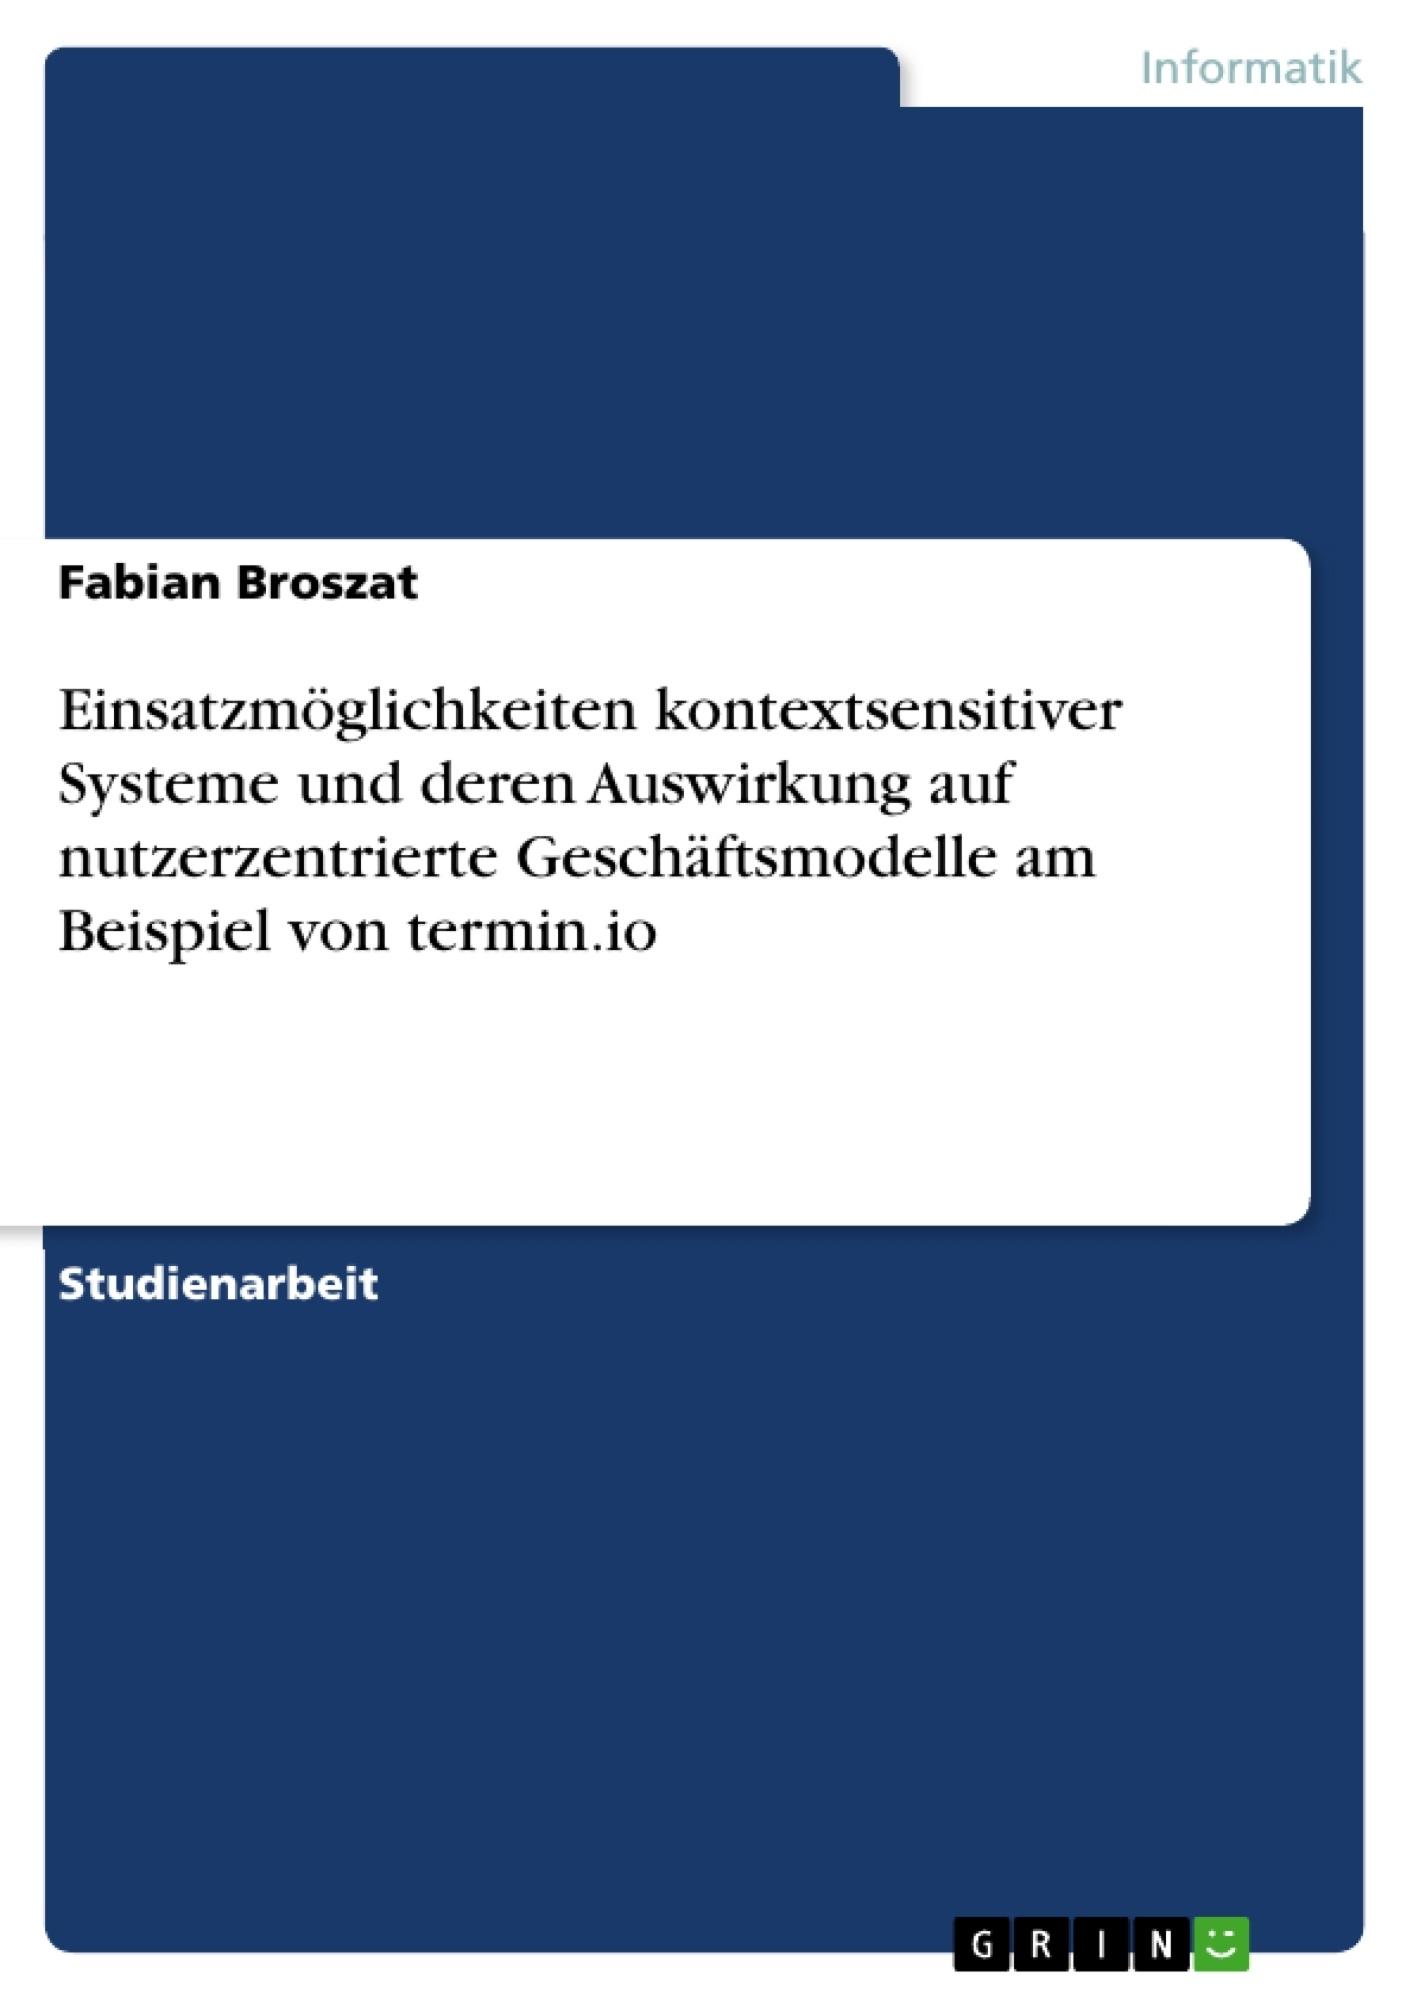 Titel: Einsatzmöglichkeiten kontextsensitiver Systeme und deren Auswirkung auf nutzerzentrierte Geschäftsmodelle am Beispiel von termin.io